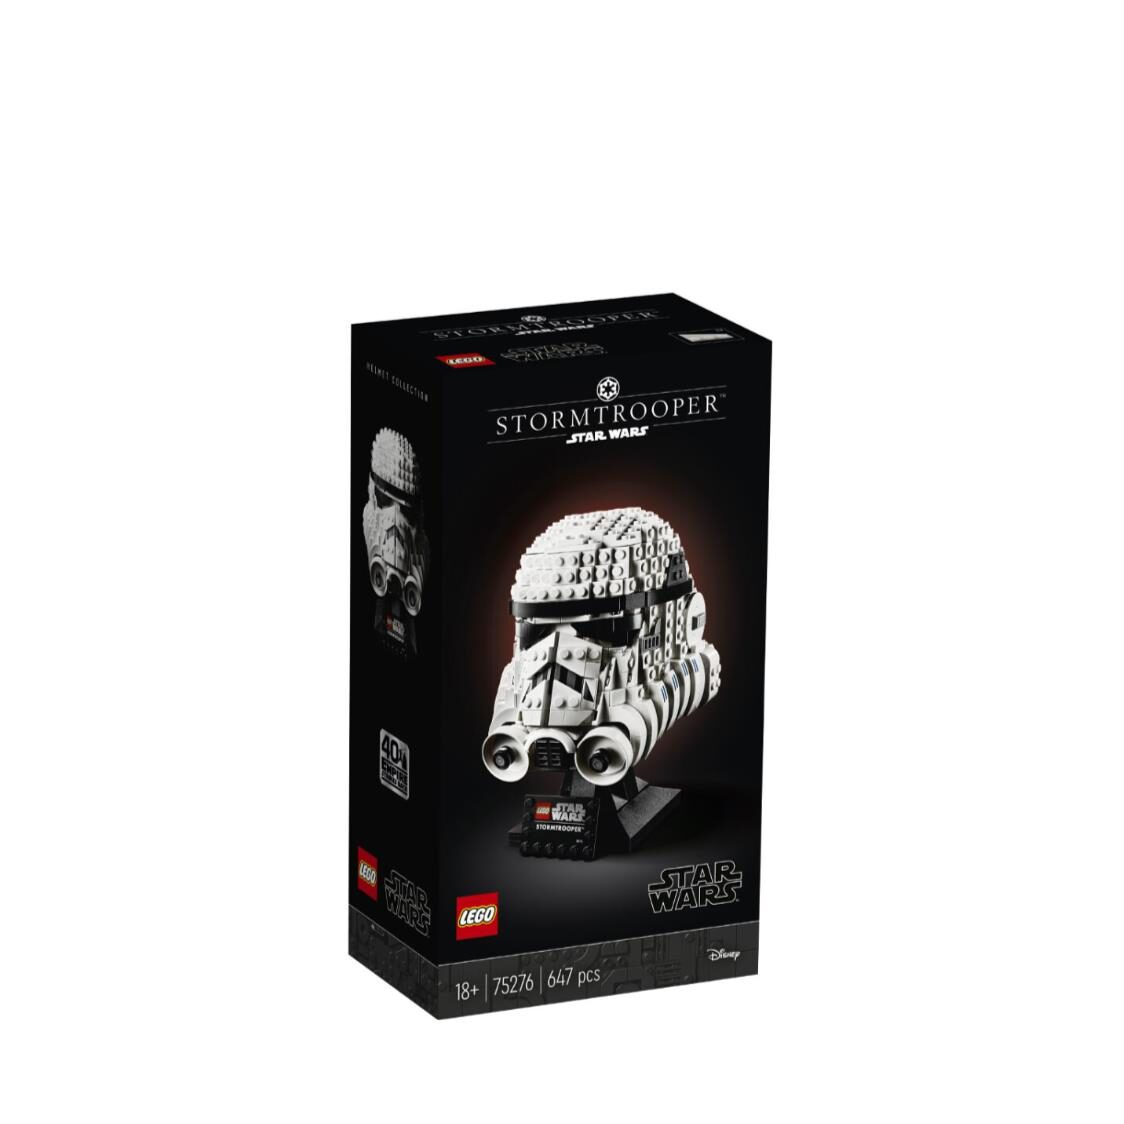 LEGO Star Wars - Stormtrooper Helmet 75276 V29